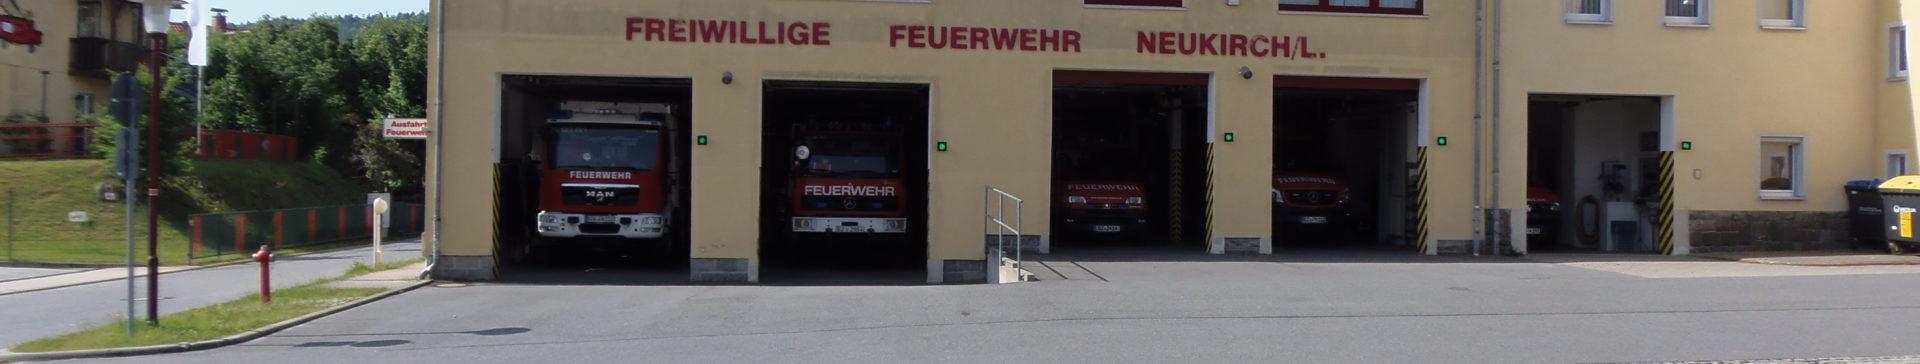 Freiwillige Feuerwehr Neukirch / Lausitz